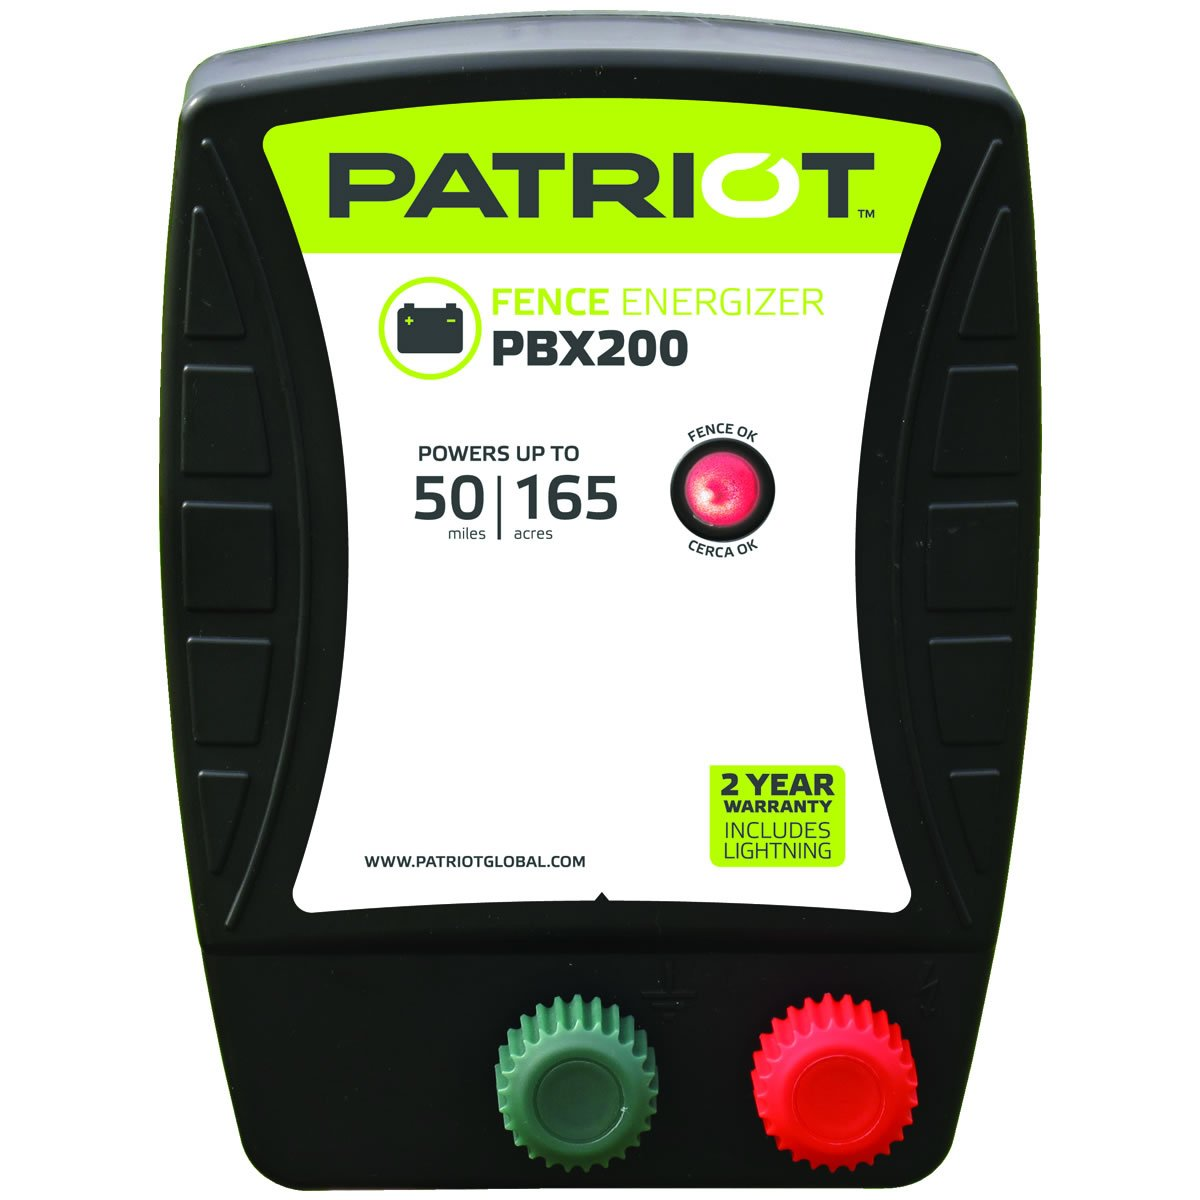 Patriot PBX200 Battery Fence Energizer, 1.9 Joule